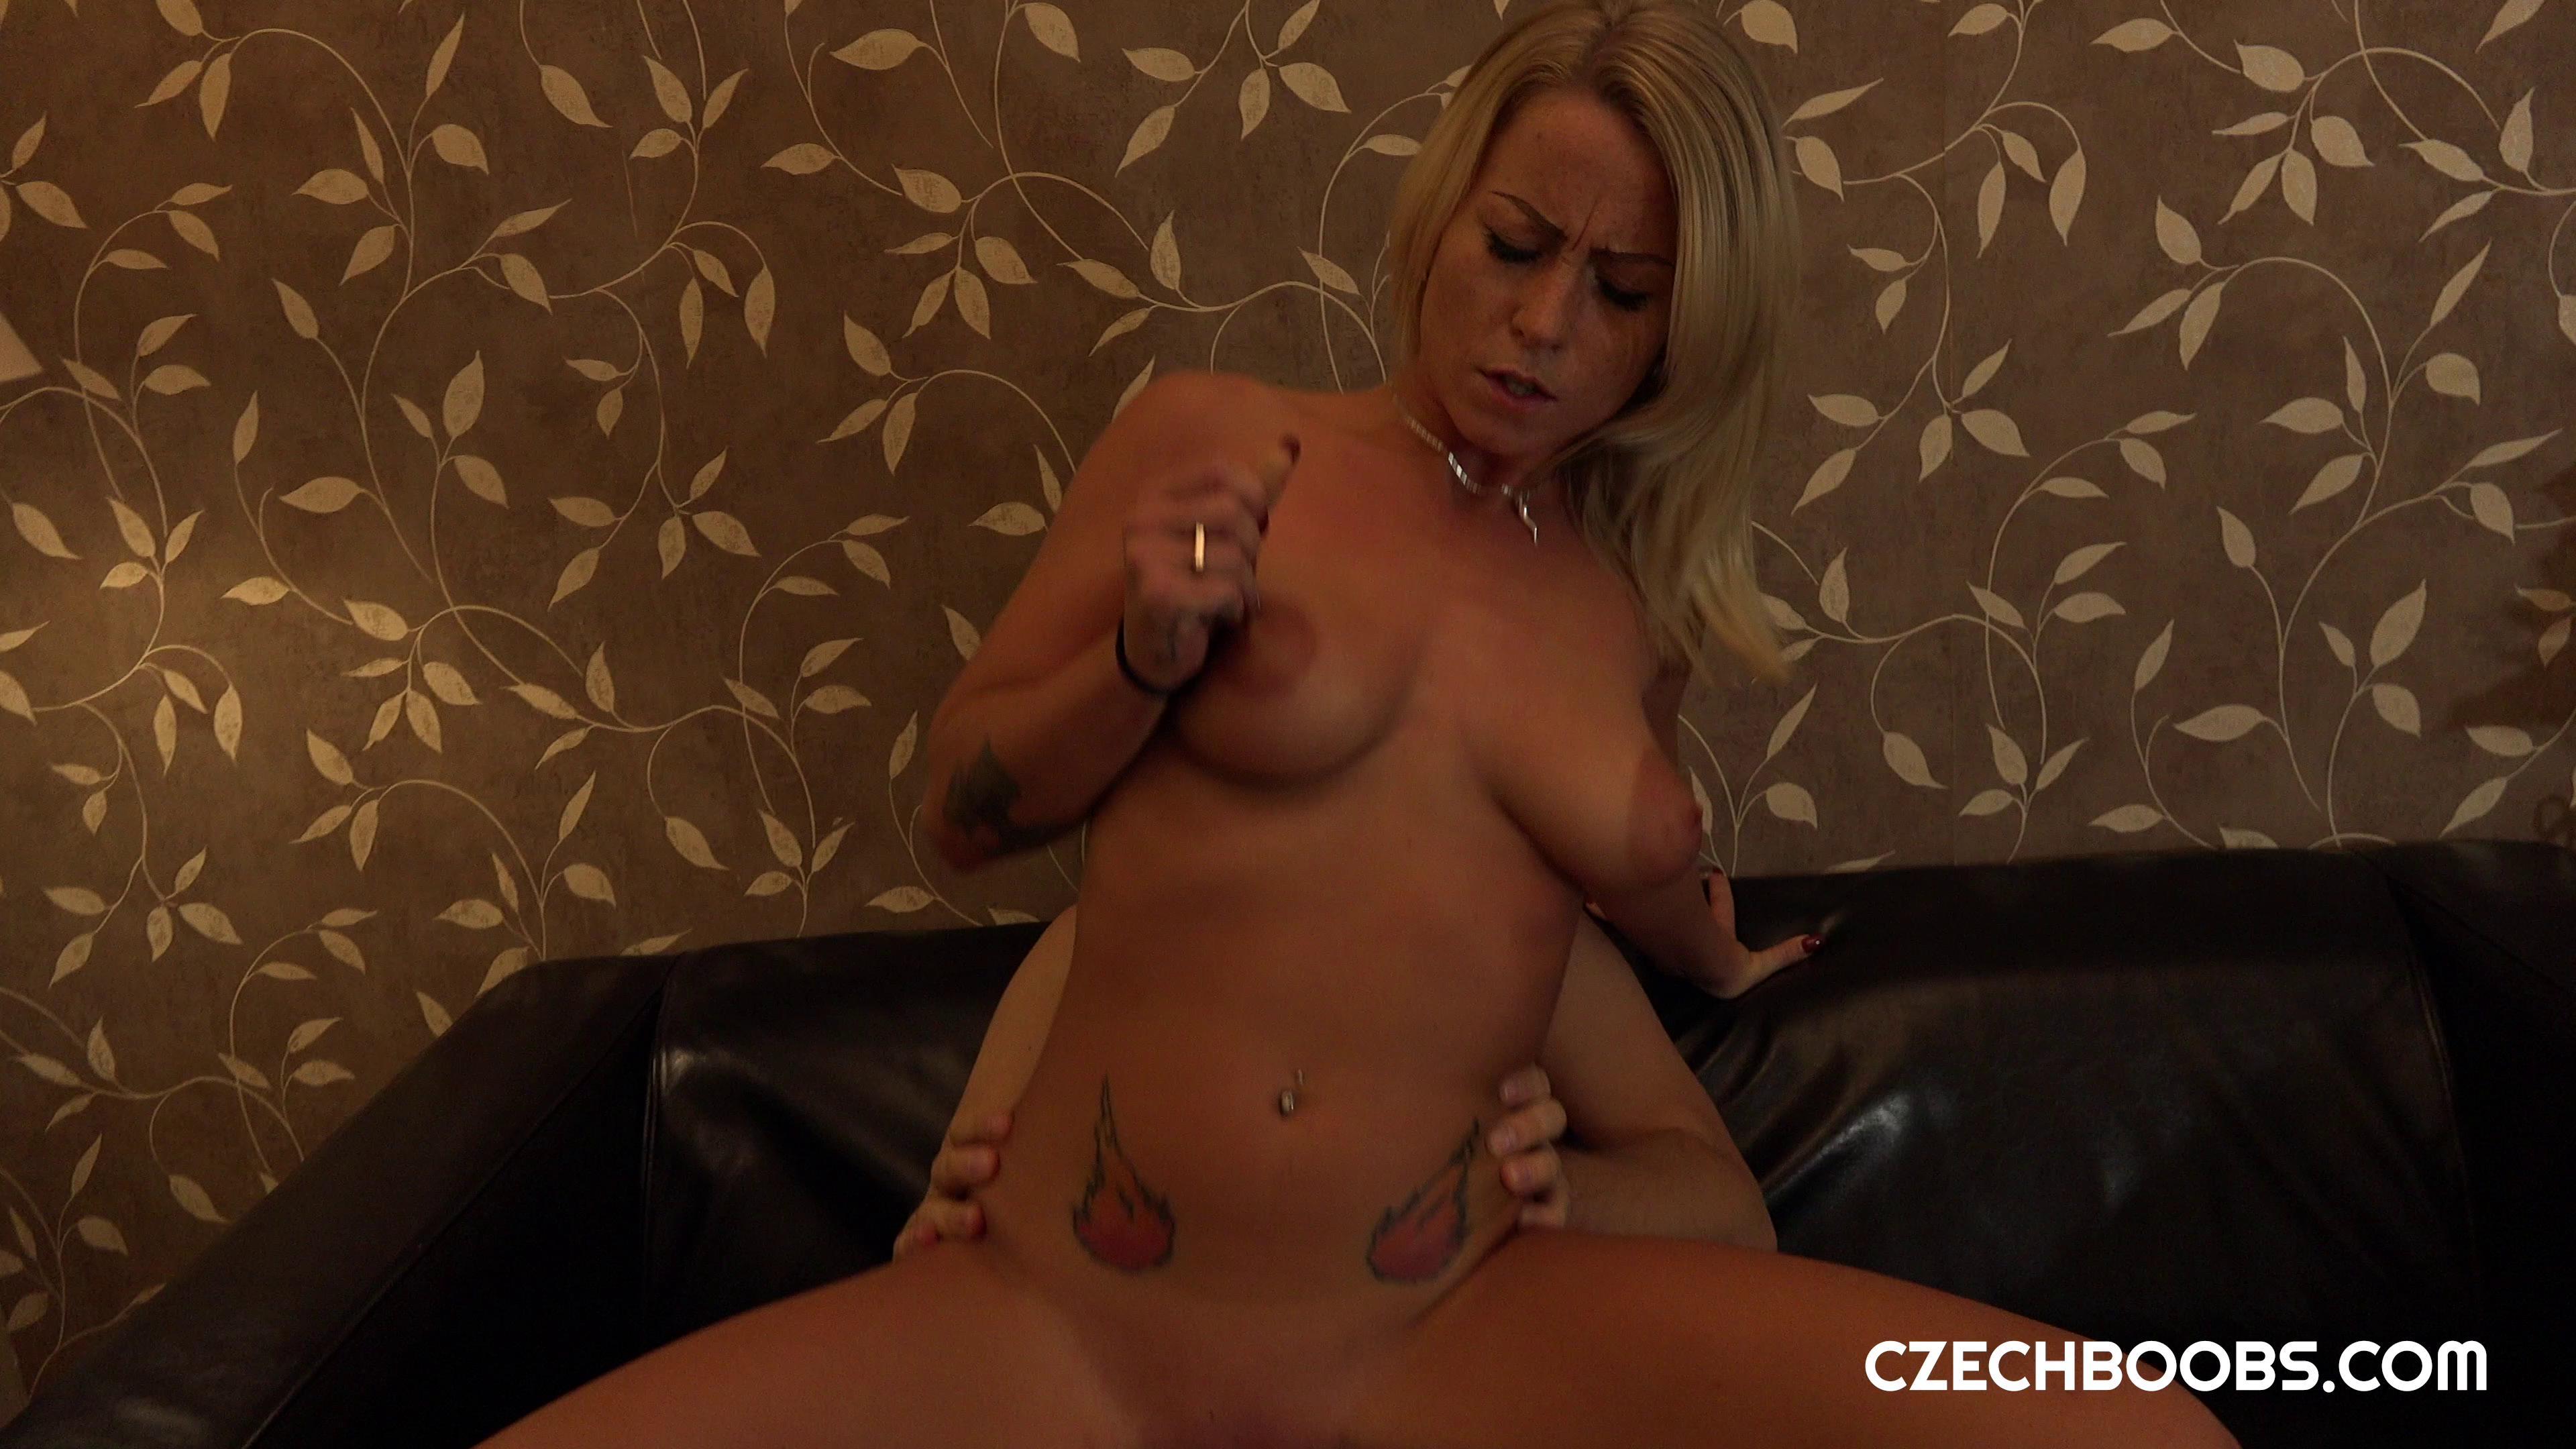 CzechBoobs – Licky Lex